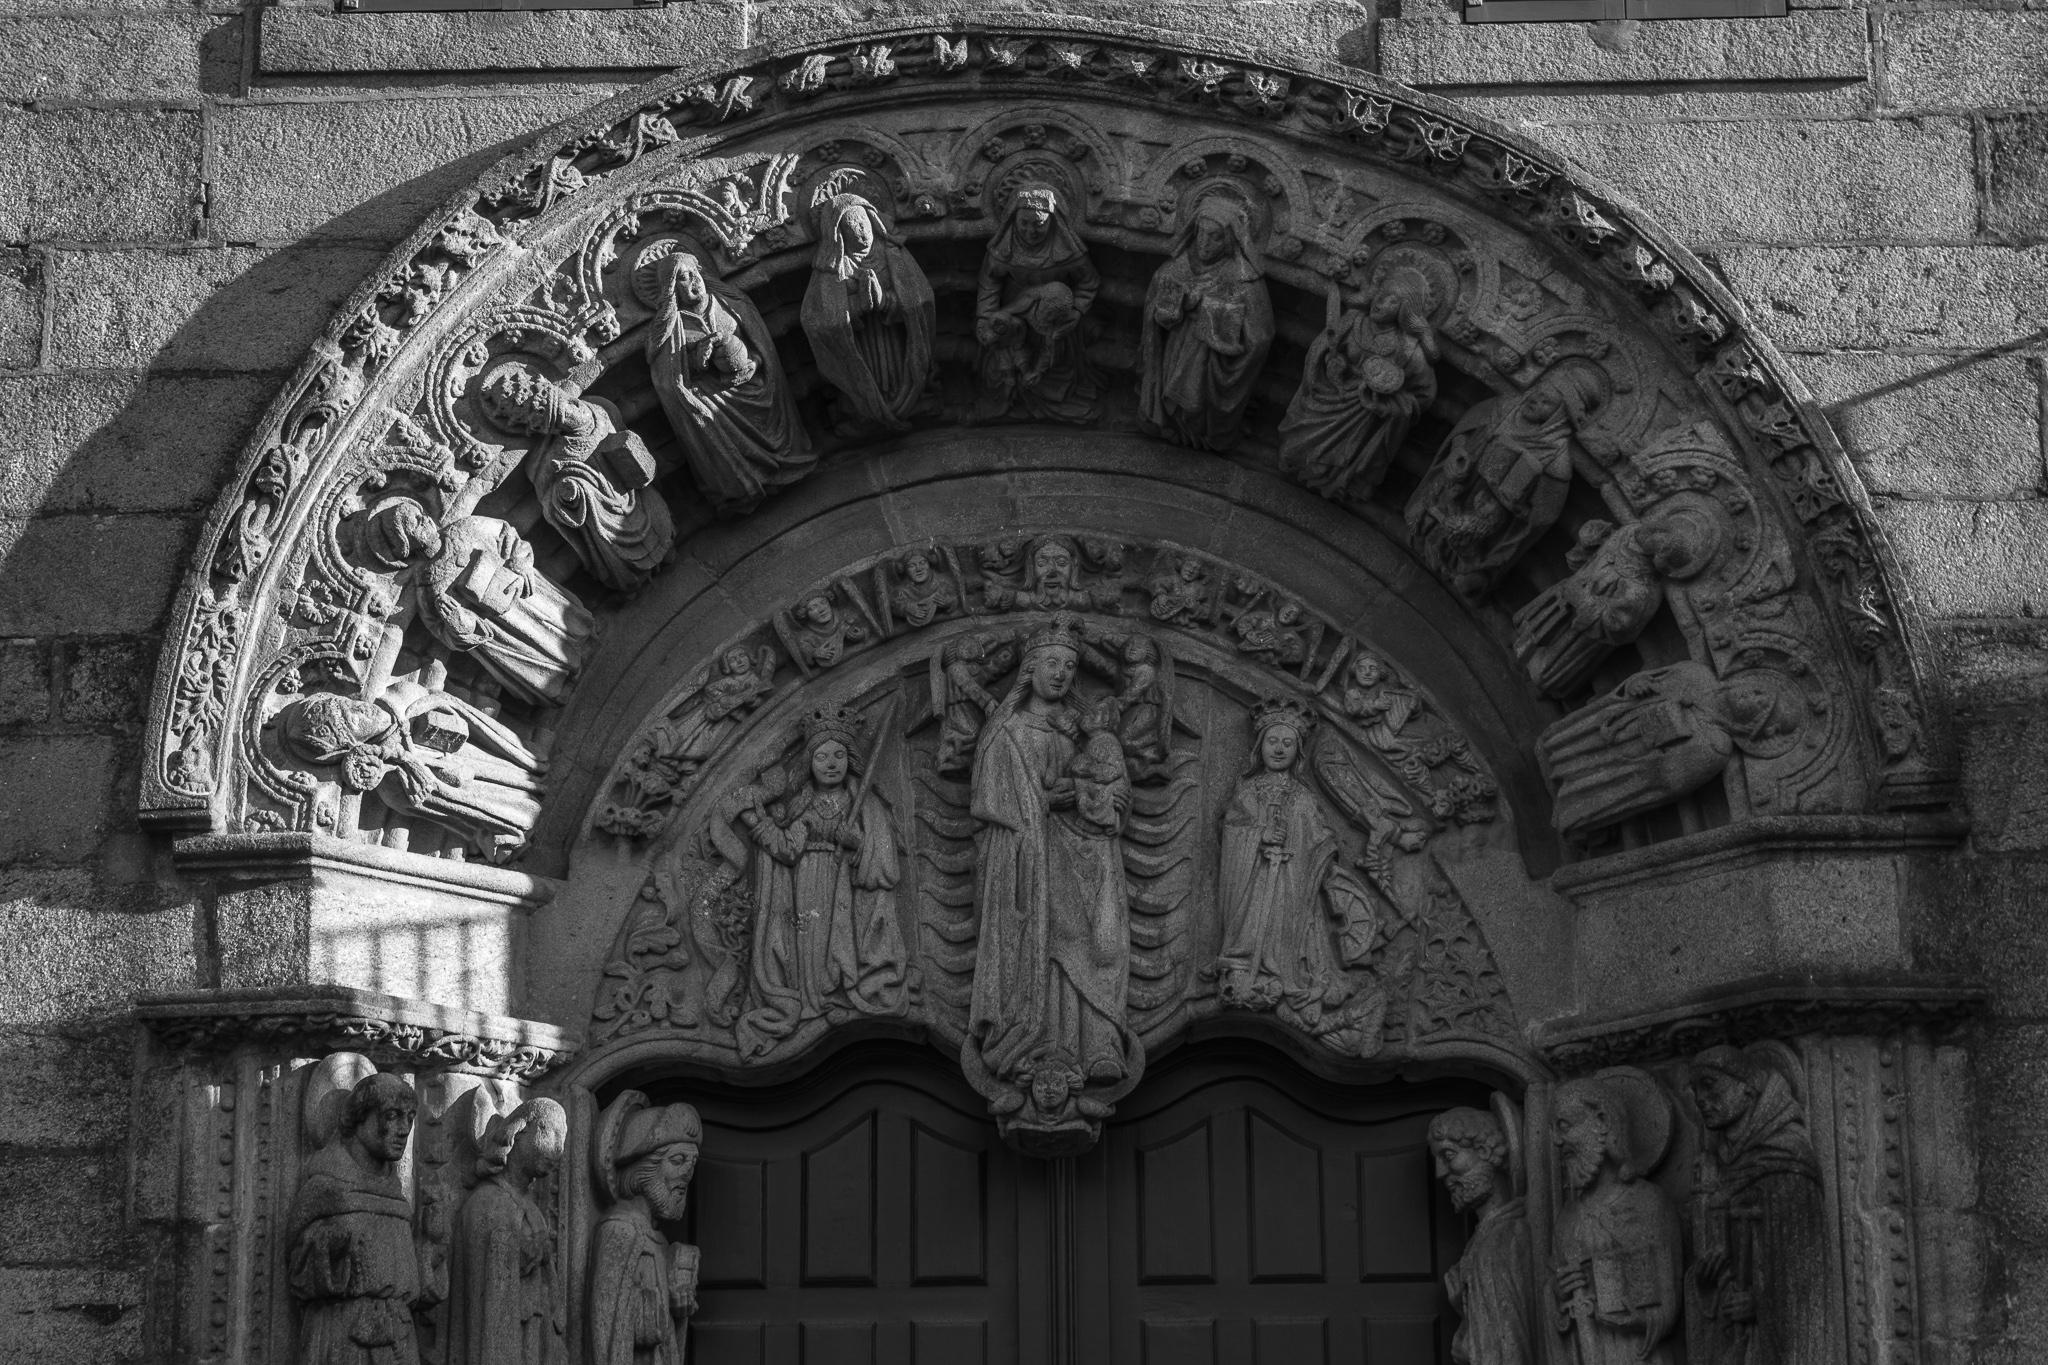 El colegio de San Xerome, que actualmente alberga el Rectorado de la Universidad, es un antiguo Colegio Mayor situado en la Plaza del Obradoiro. <br>Fundado por el arzobispo Fonseca III con la idea de albergar a estudiantes pobres, su portada gótica (1490-1500) muestra la imagen de la Virgen y el niño, en el tímpano, secundada por diferentes santos.